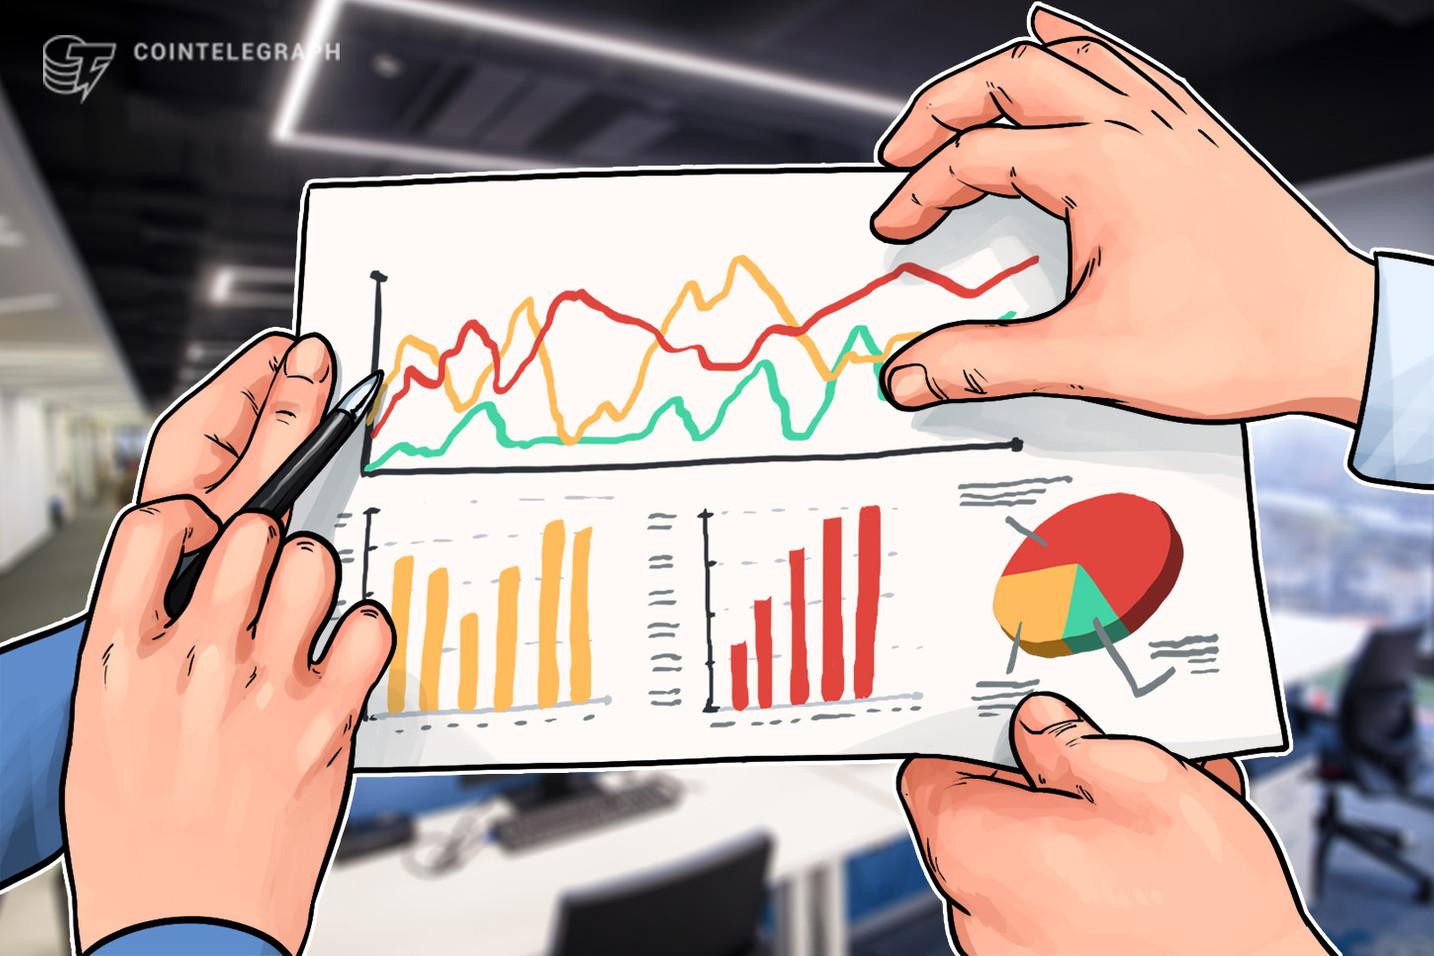 Kryptomärkte verzeichnen gemischtes Wachstum nach Ausverkauf